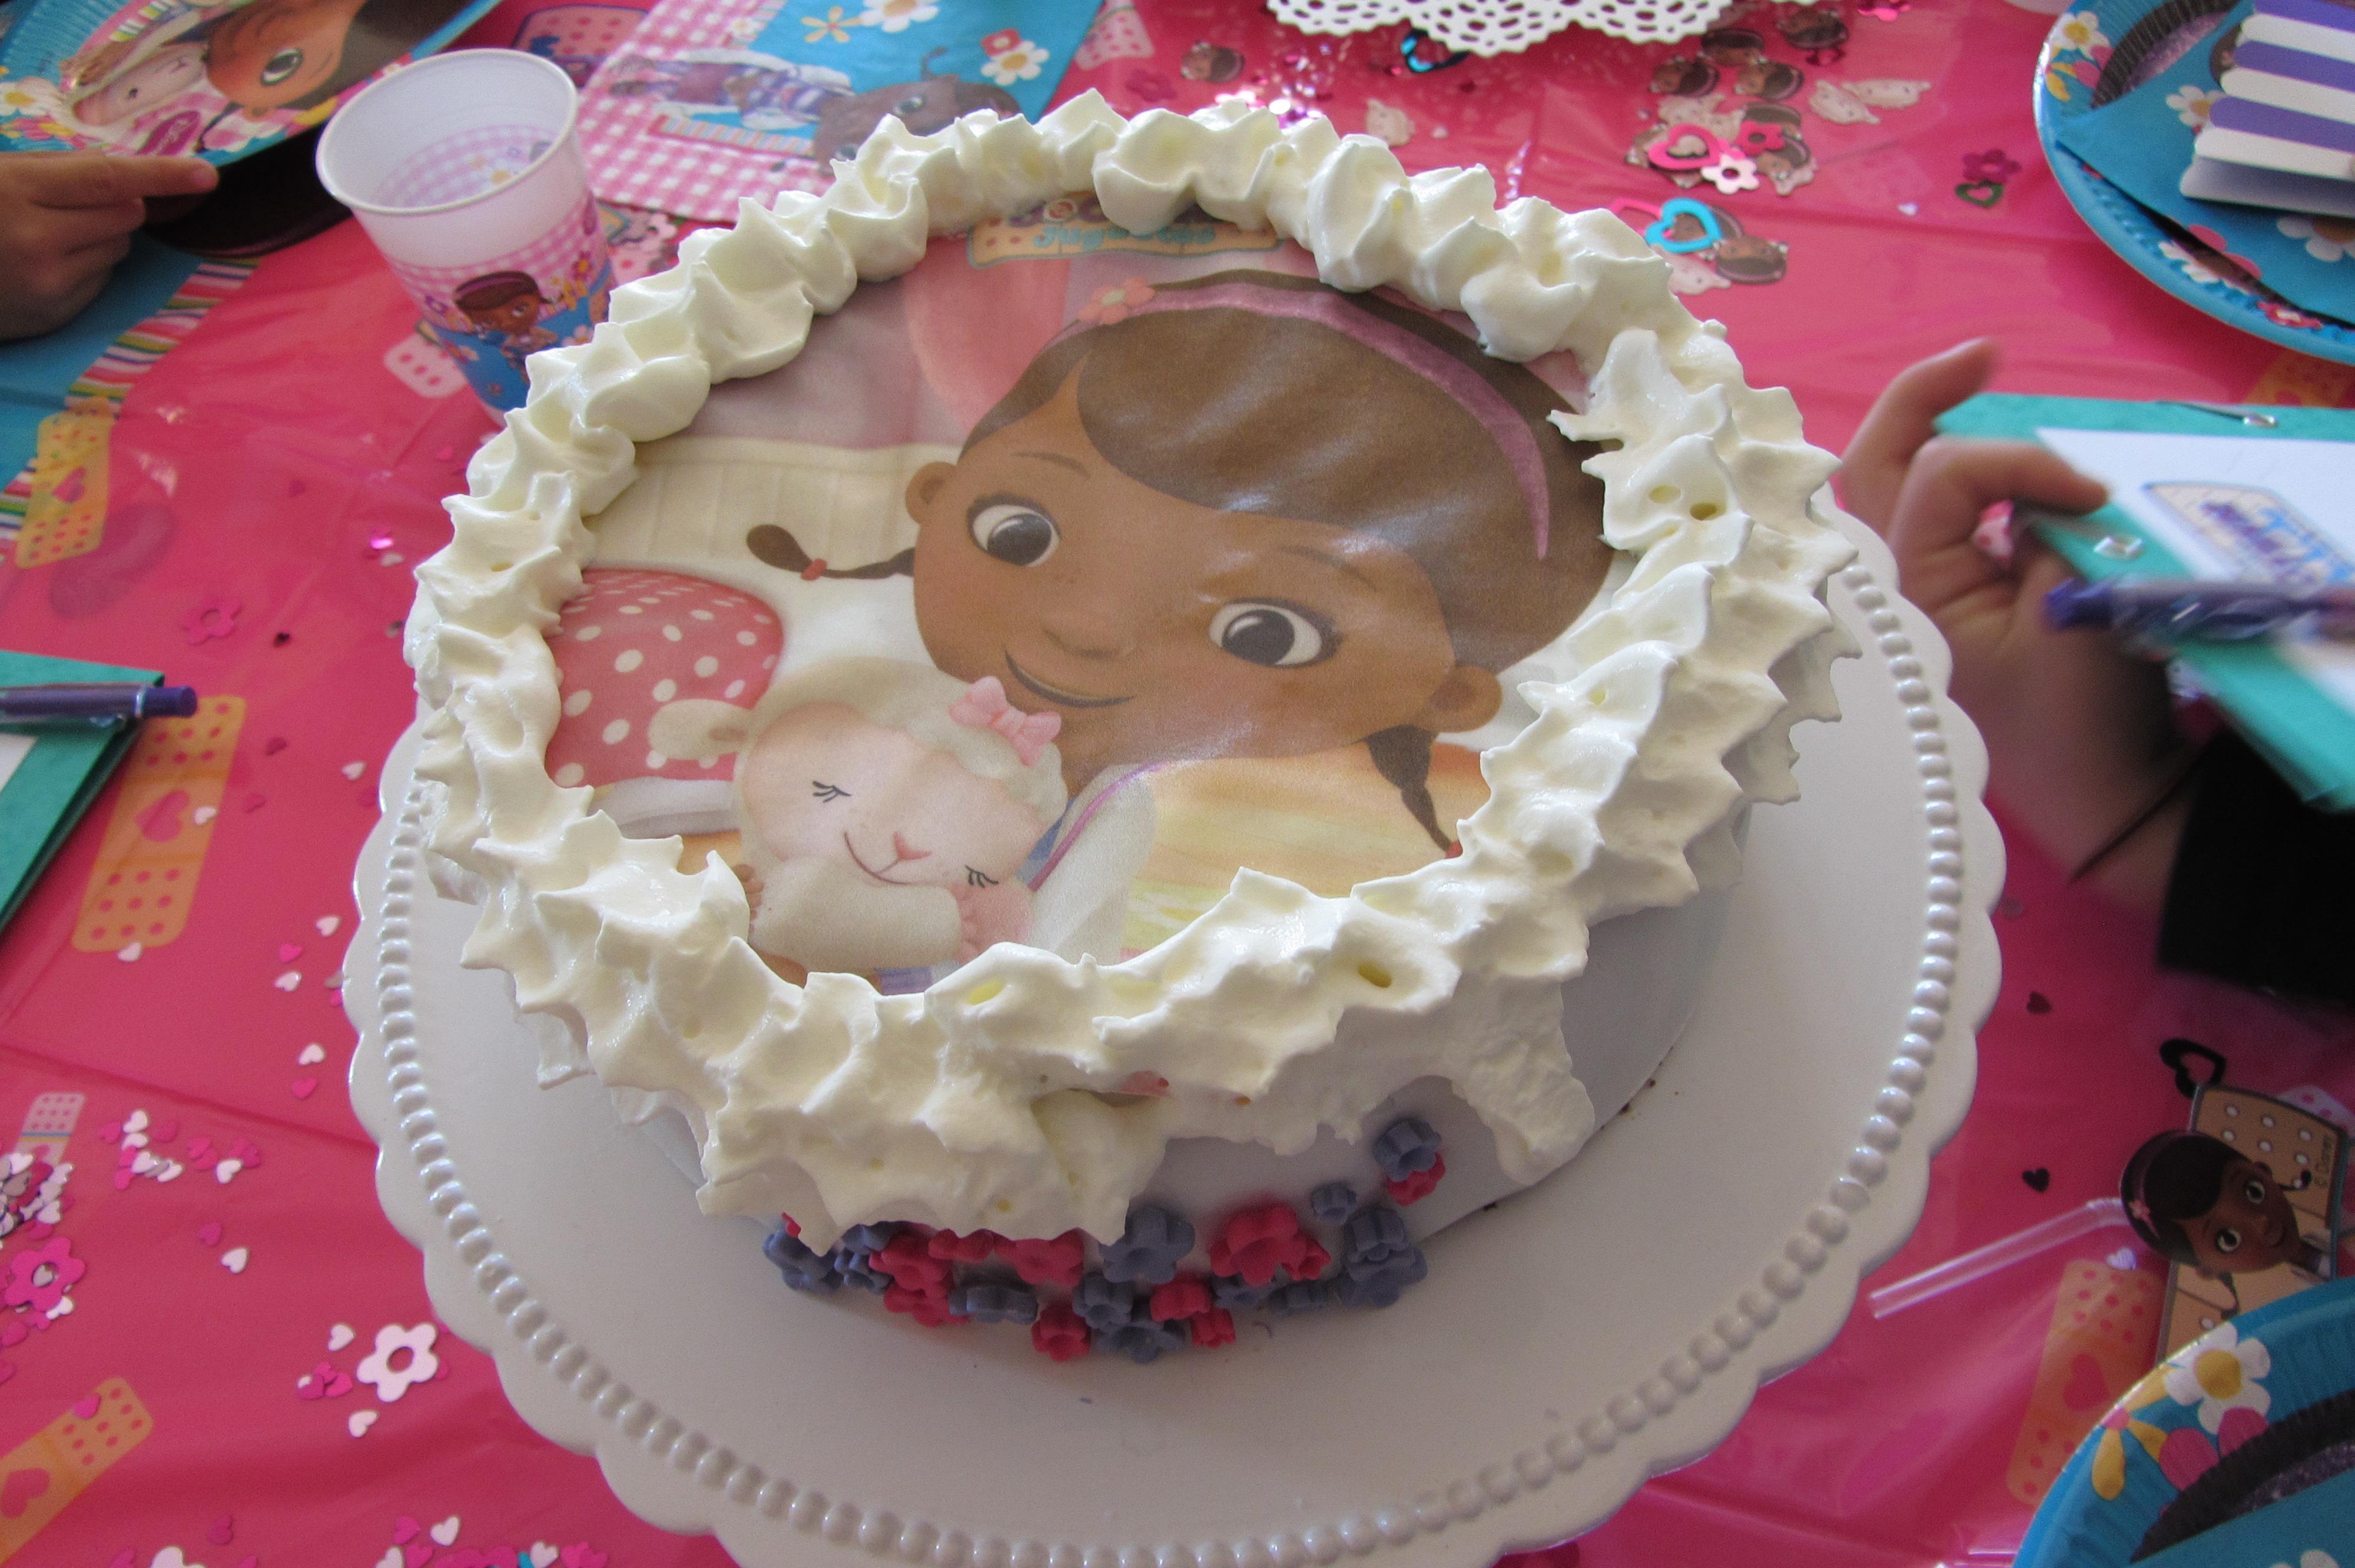 G Ef Bf Bdteaux Sur Mesure Paris Cake Design Paris